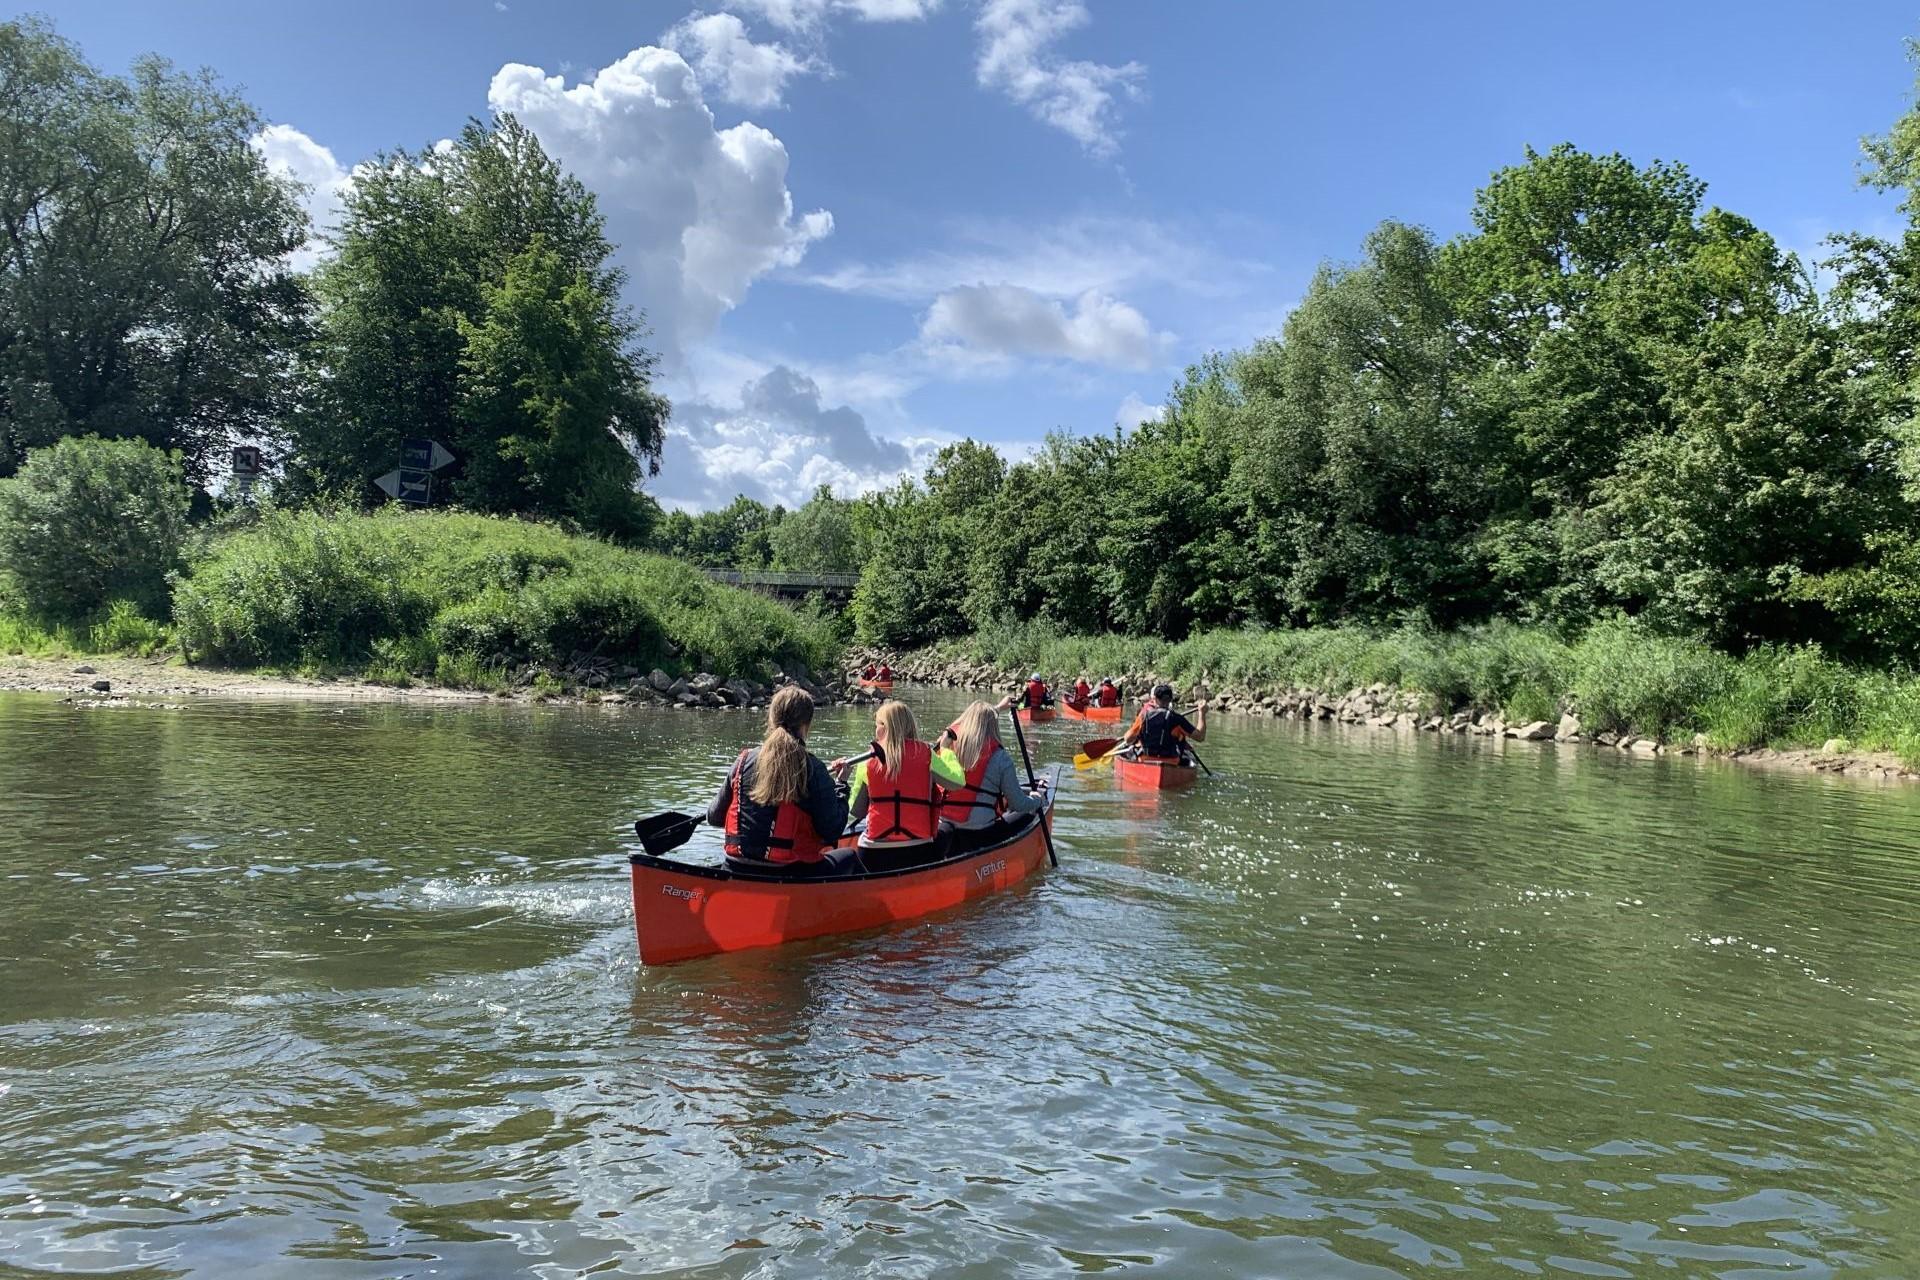 Auch beim Bootswandern auf der Donau können Sie den Donaudurchbruch herrlich genießen.